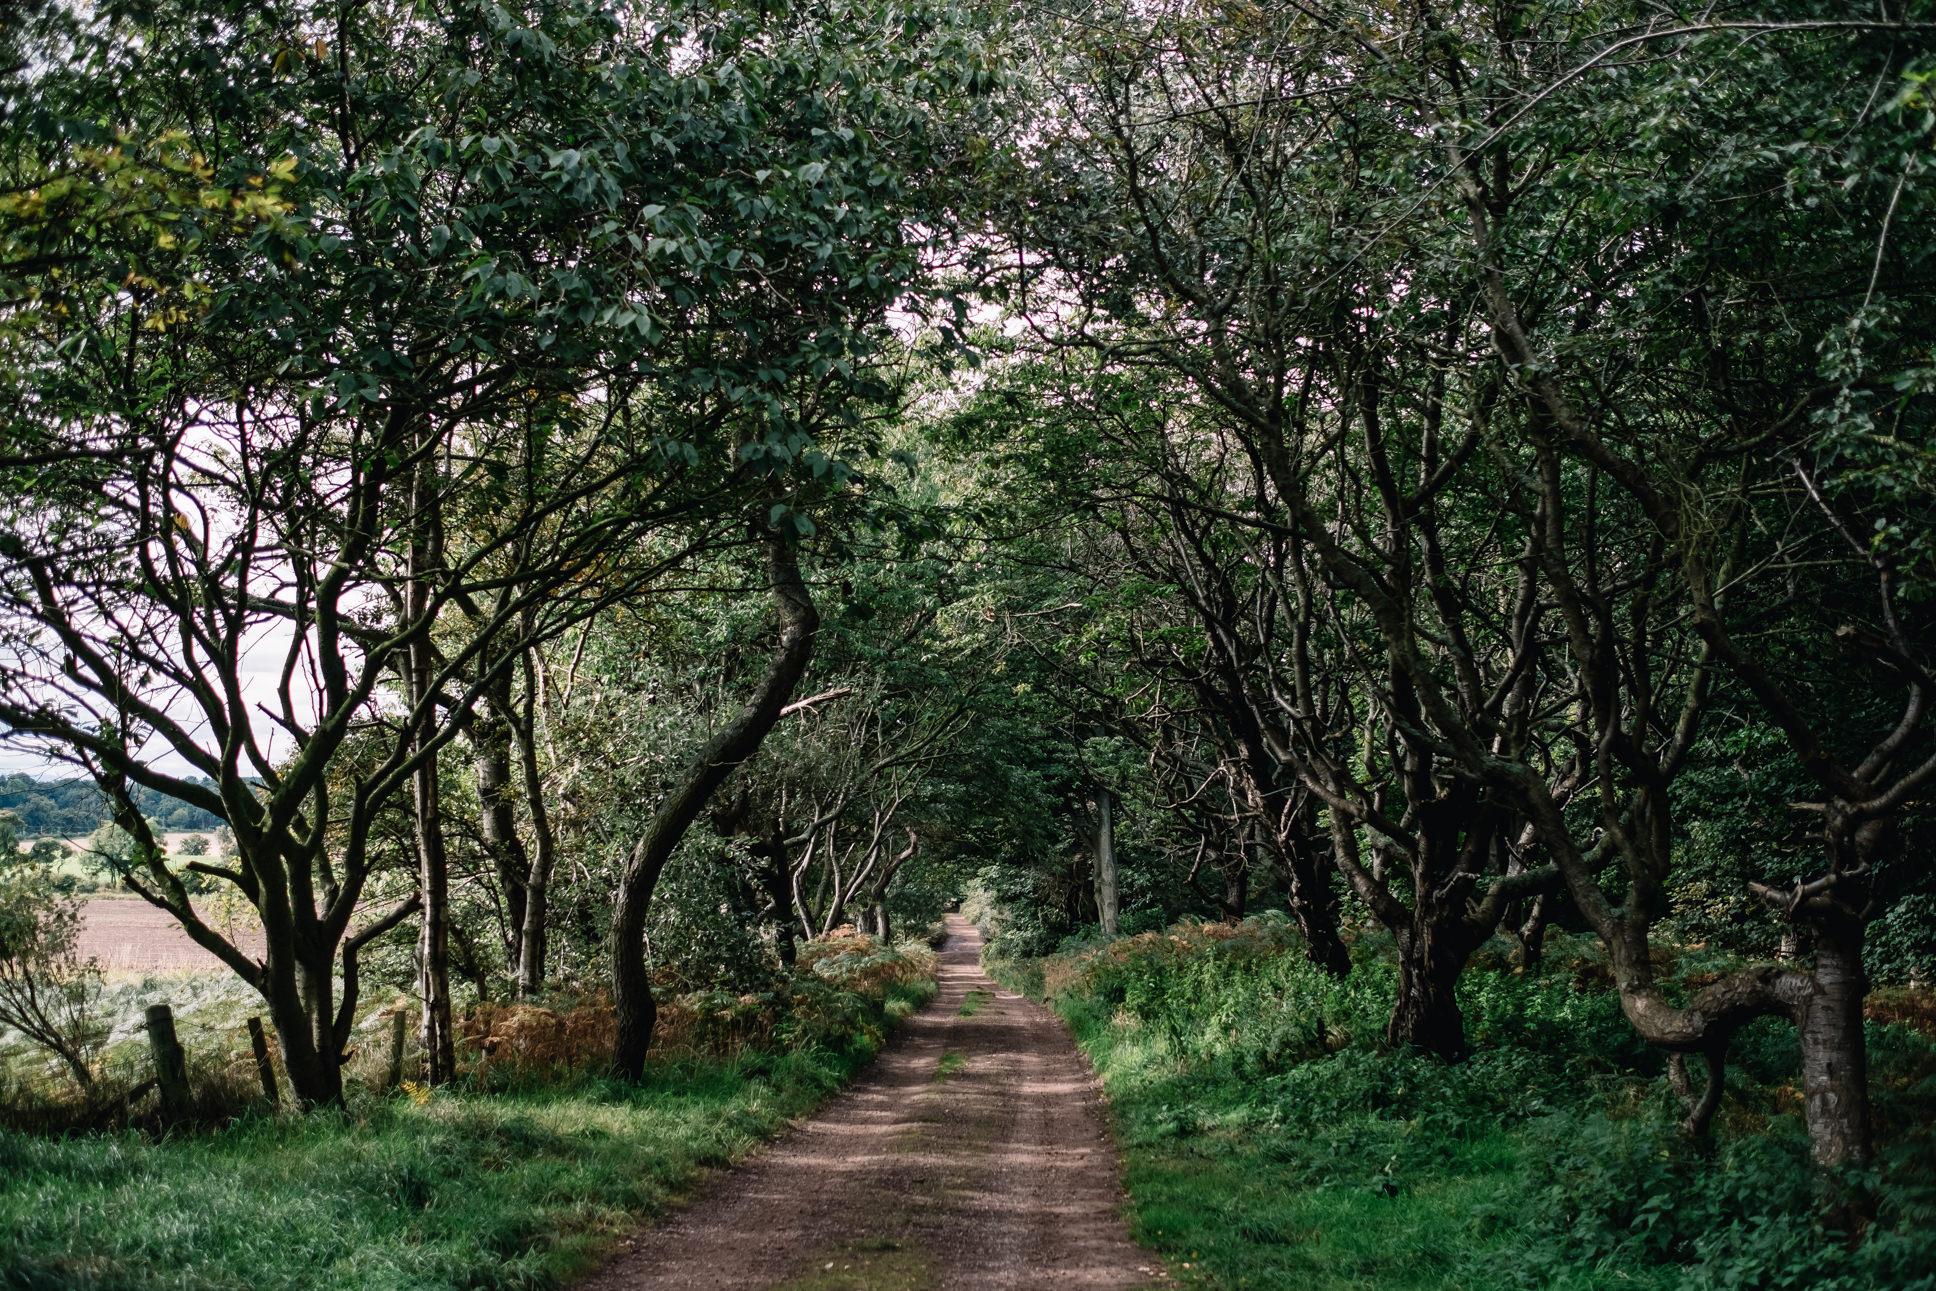 Forrest drive way up to Ravensheugh Log Cabin.